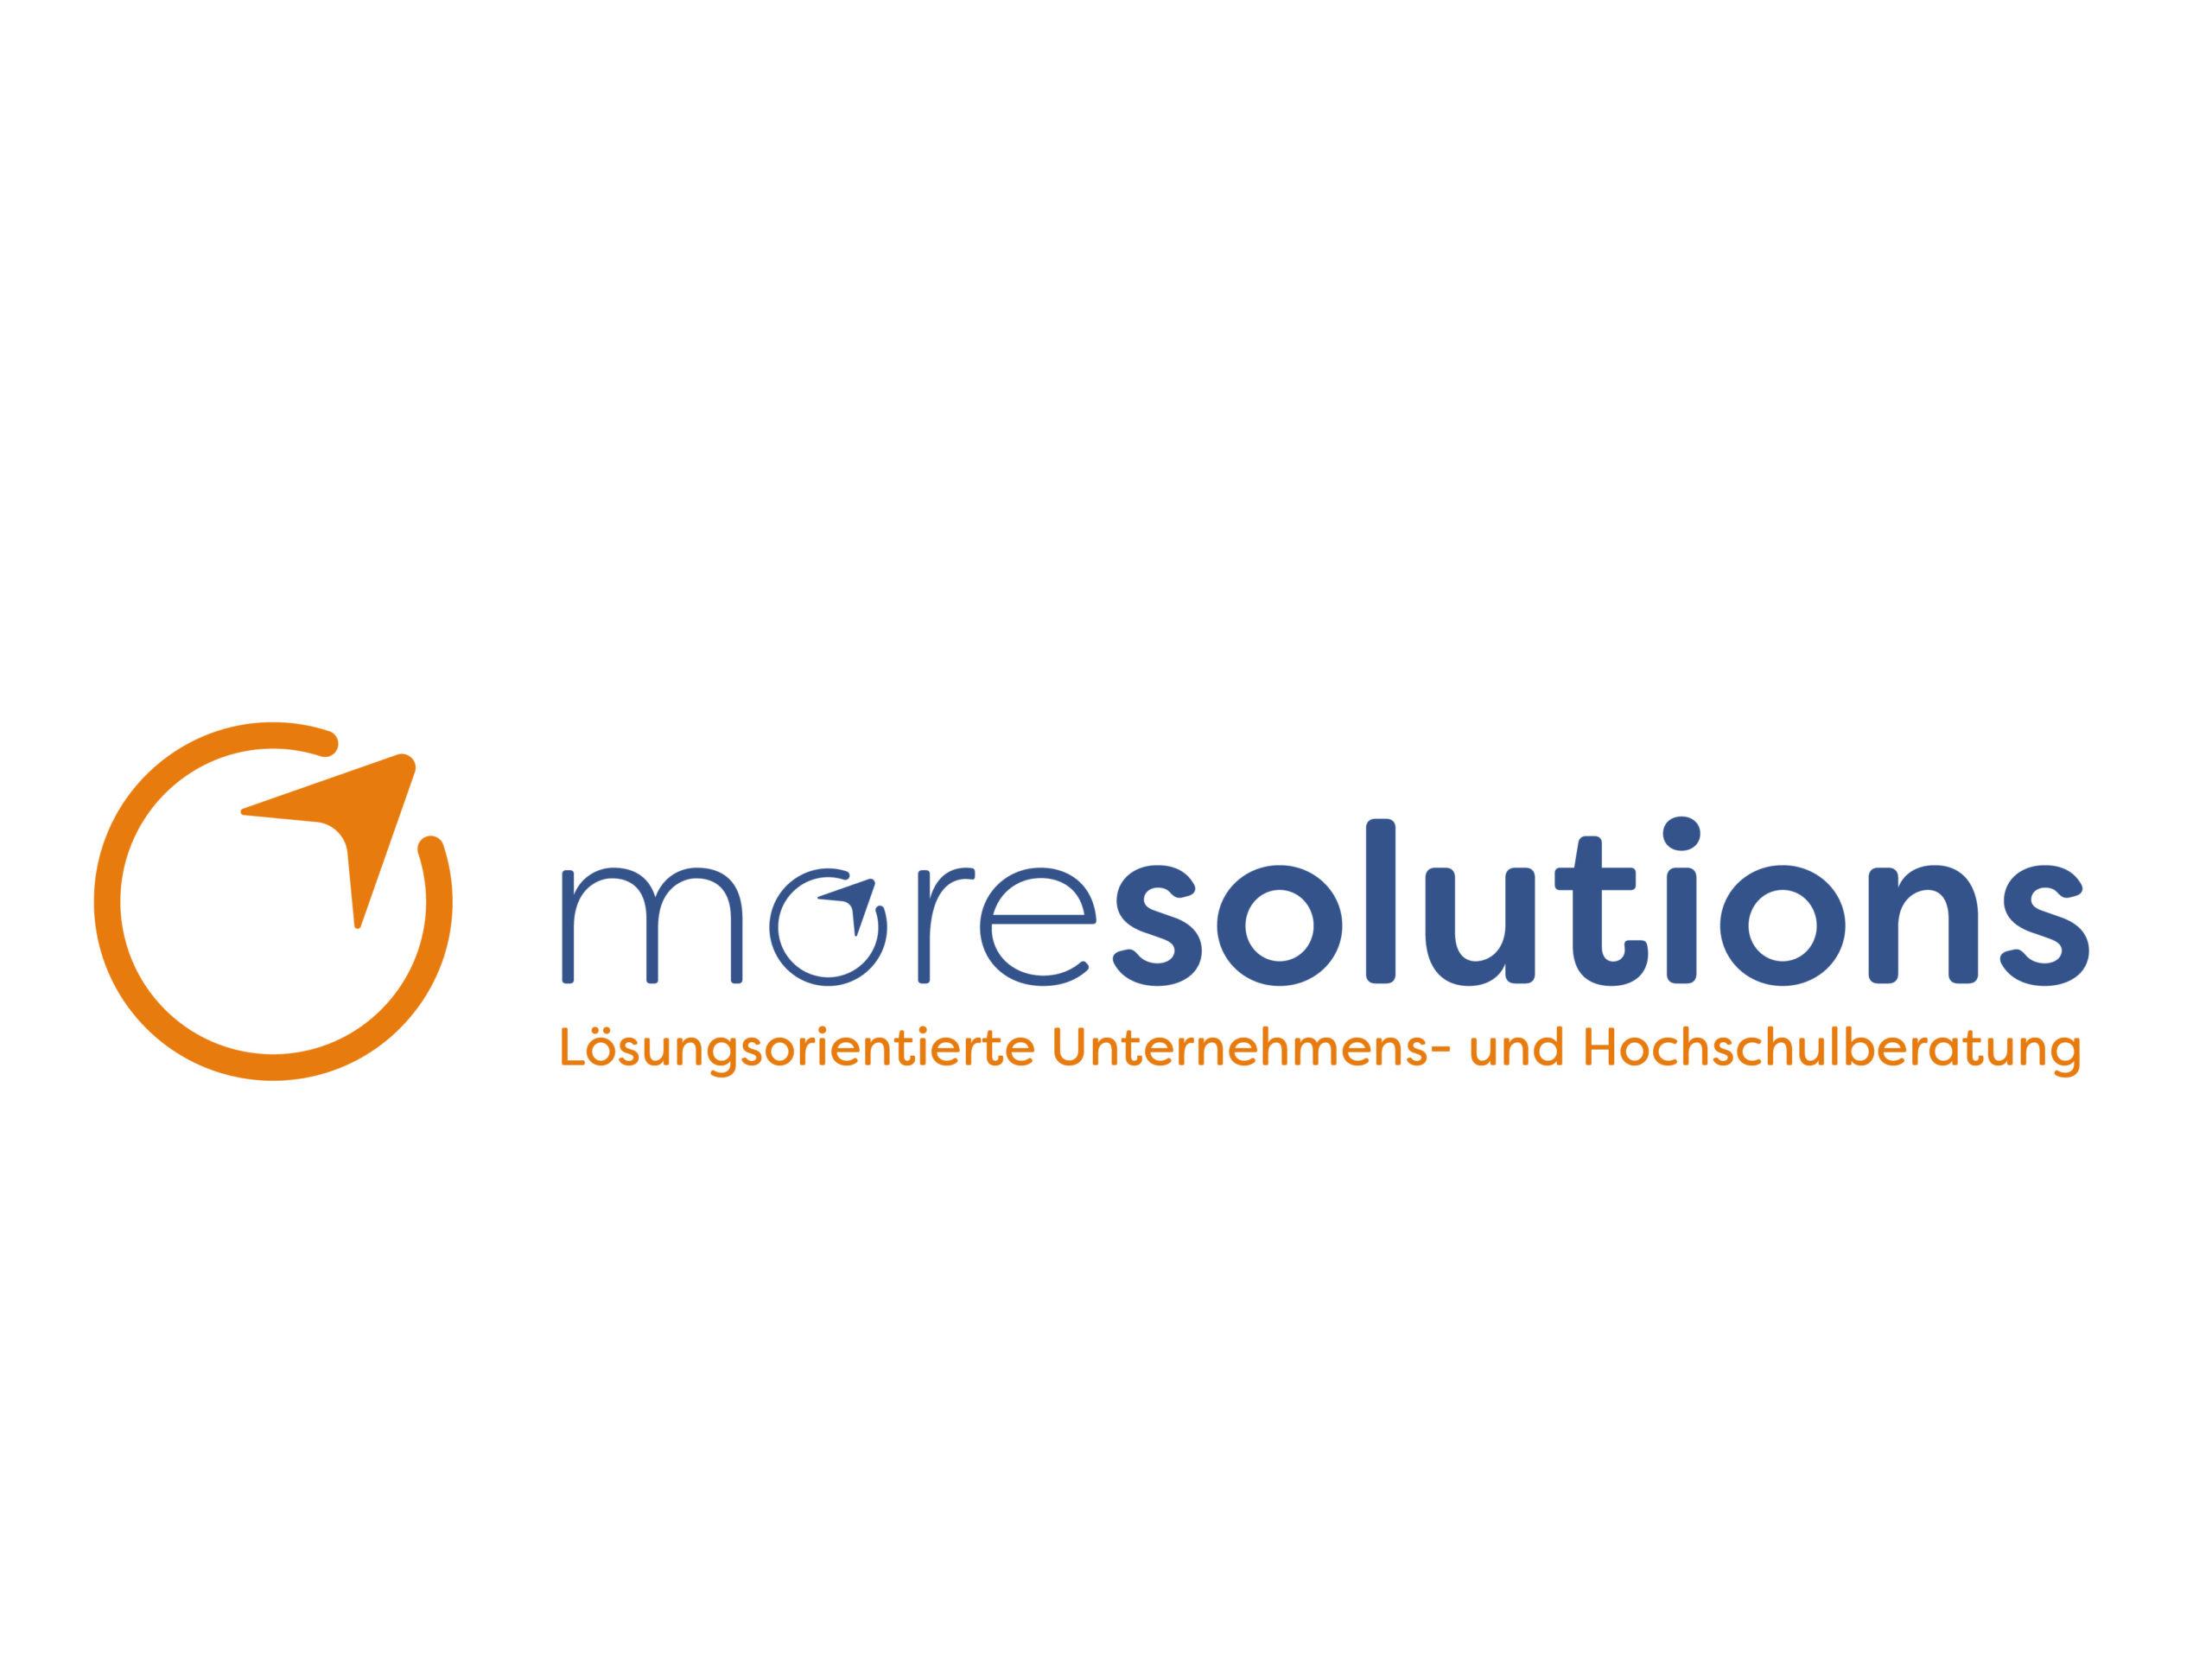 moresolutions